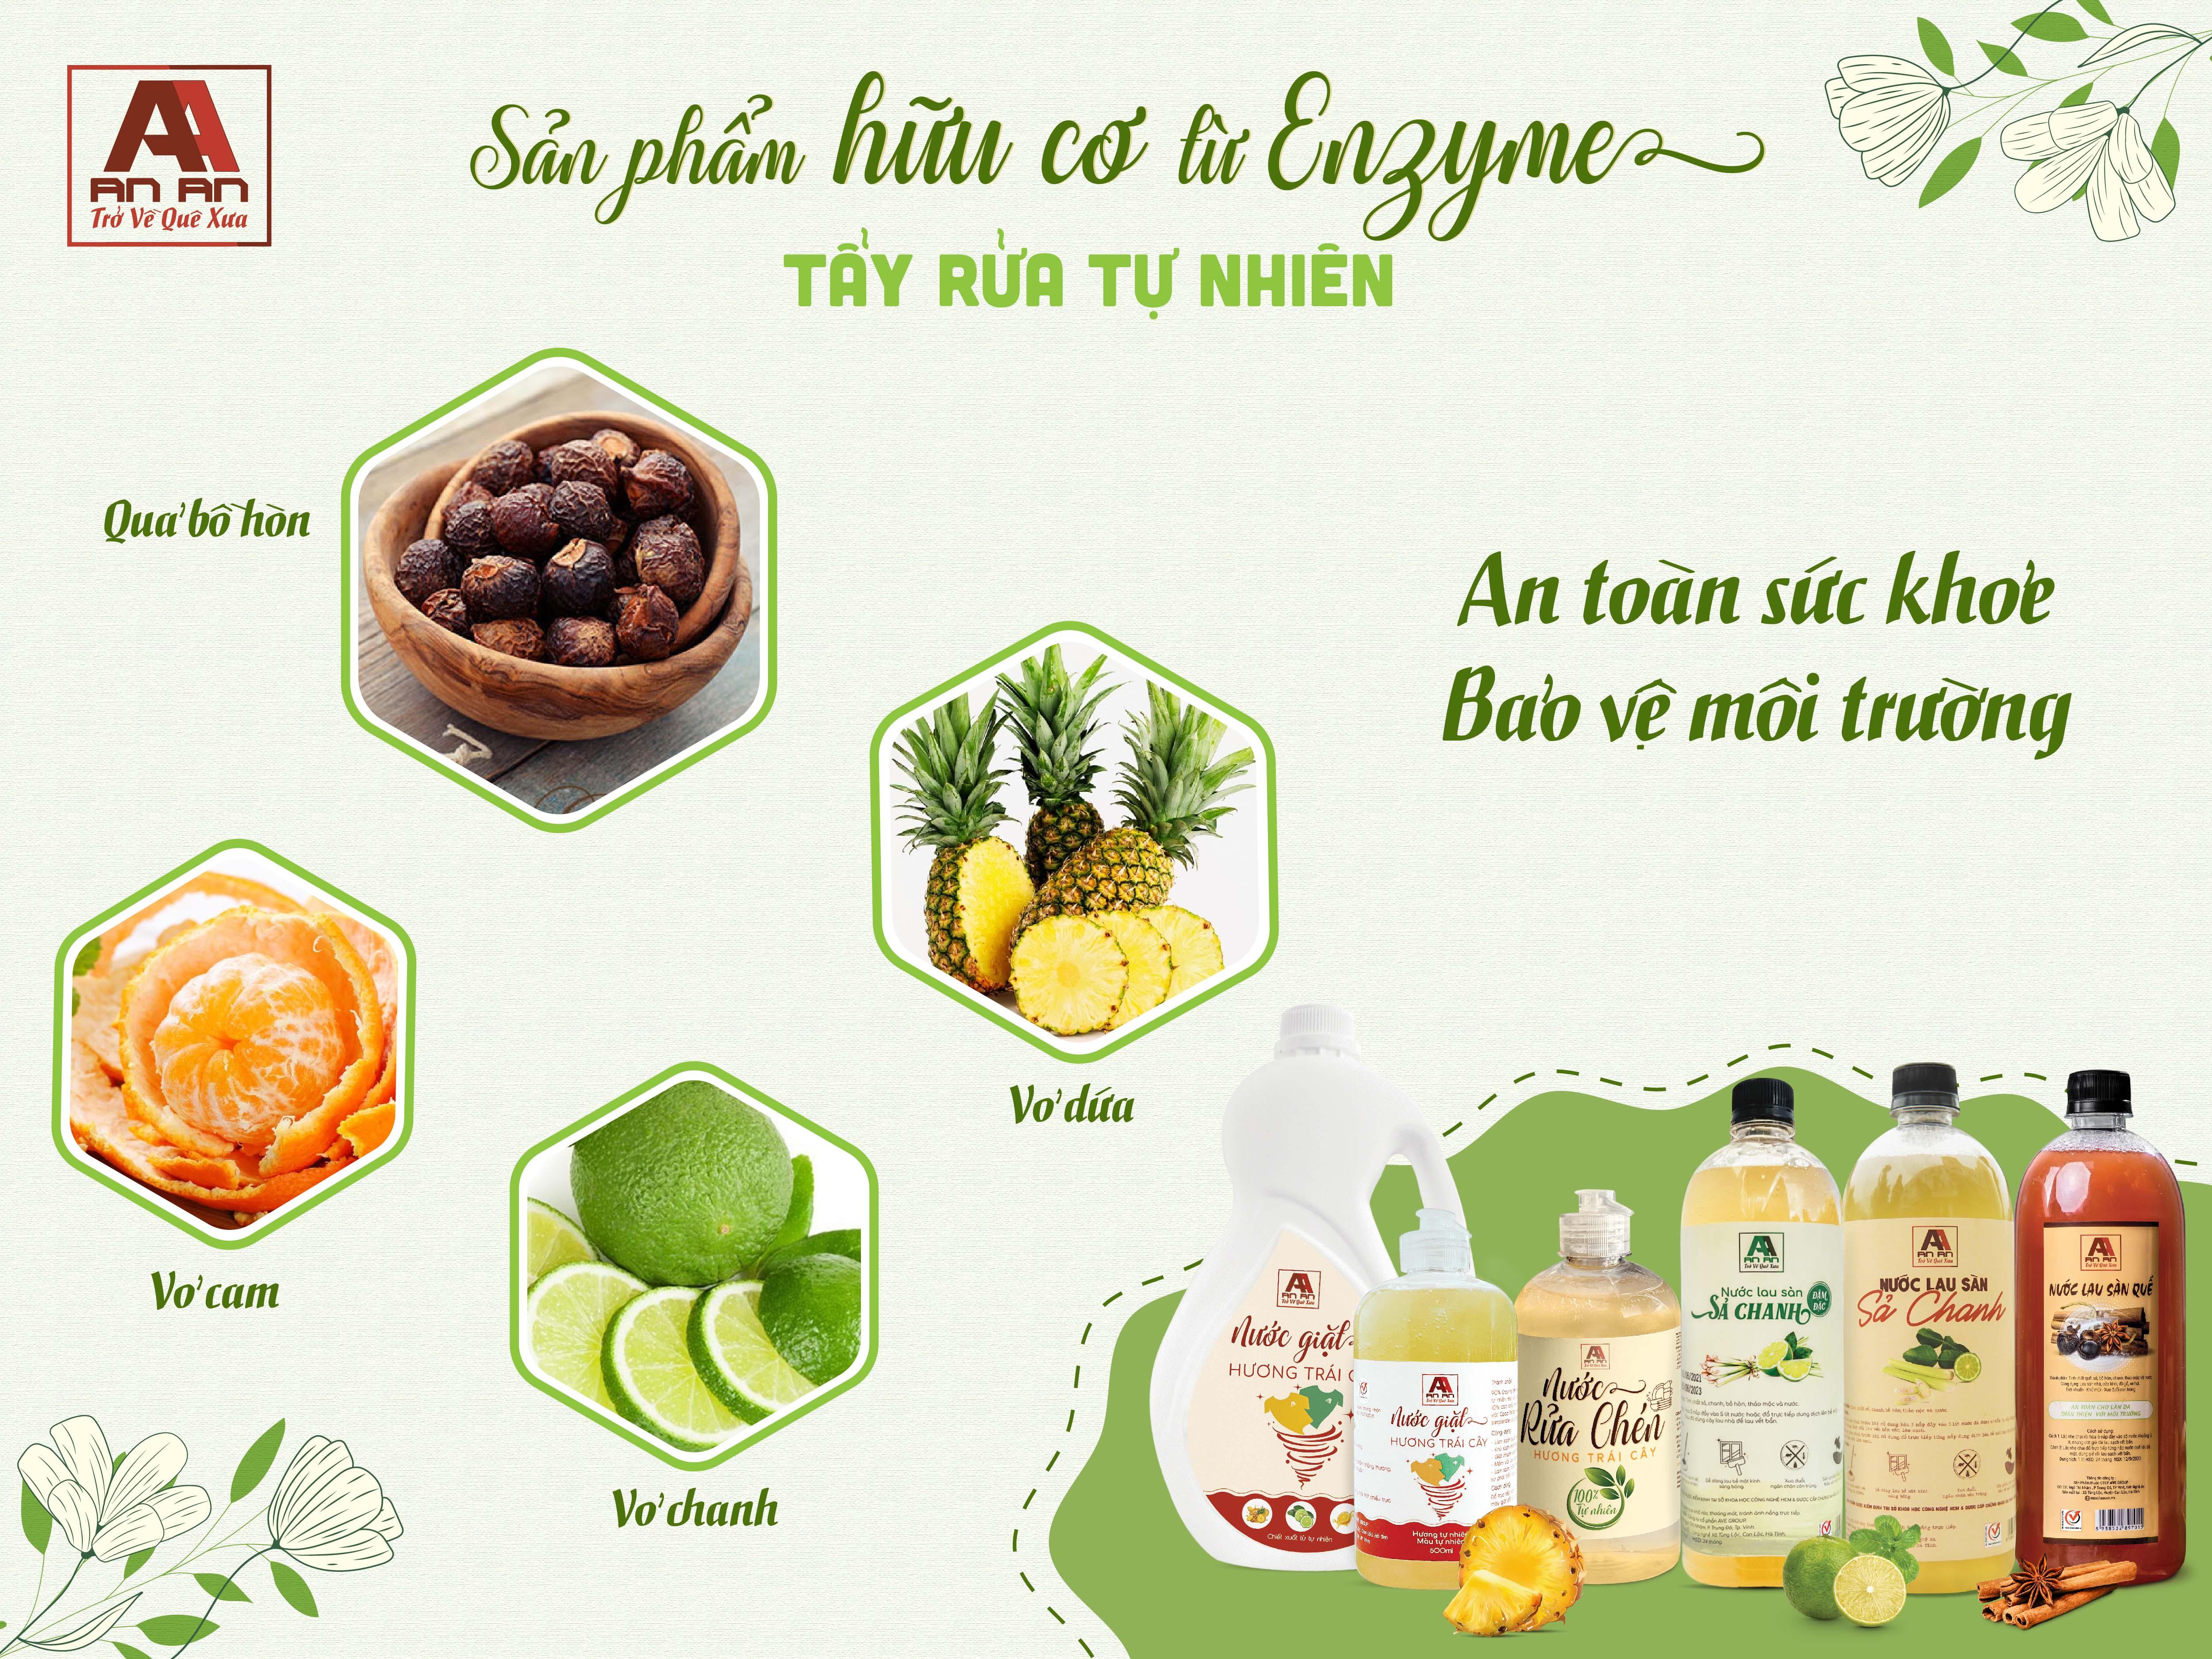 Sản phẩm hữu cơ An An từ Enzyme tẩy rửa tự nhiên